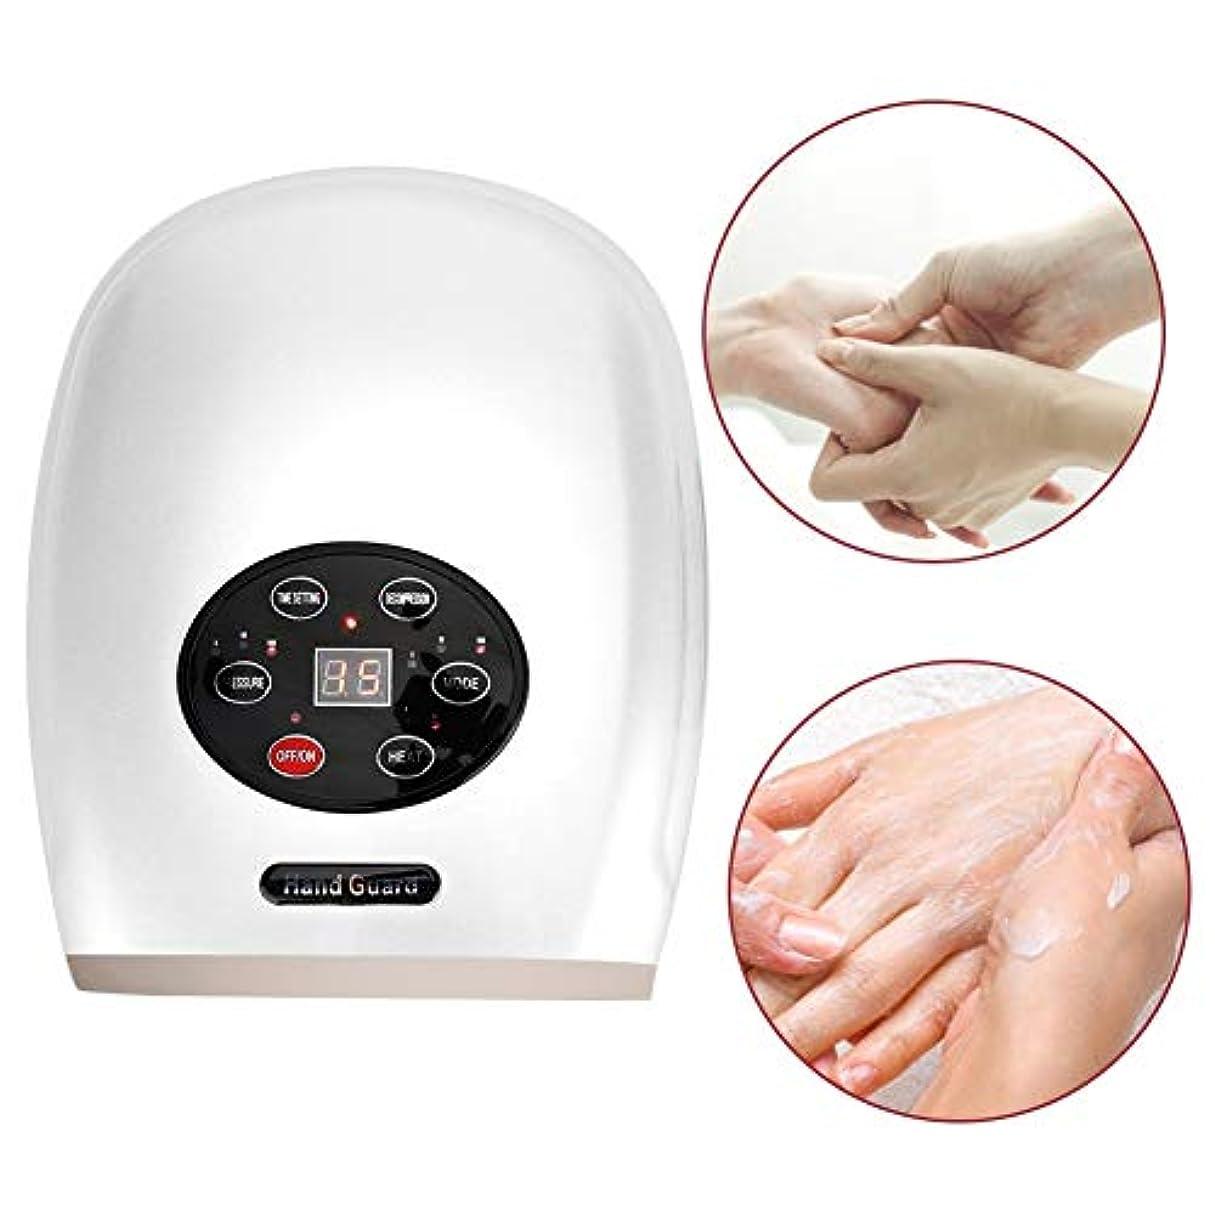 エレクトロニック人柄スペシャリスト電気指圧手のひらマッサージ、指の寒さひずみとしびれリリーフフィンガーアポイントマッサージリリーフハンドケアツール(White US Plug)